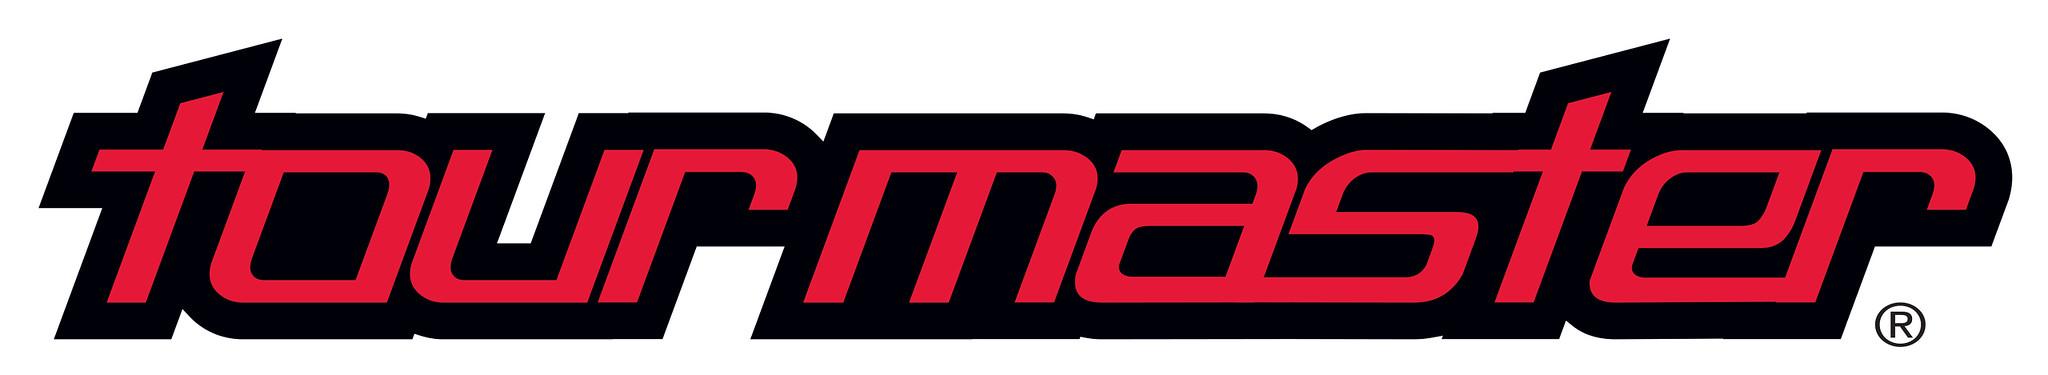 helmet house - tourmaster logo